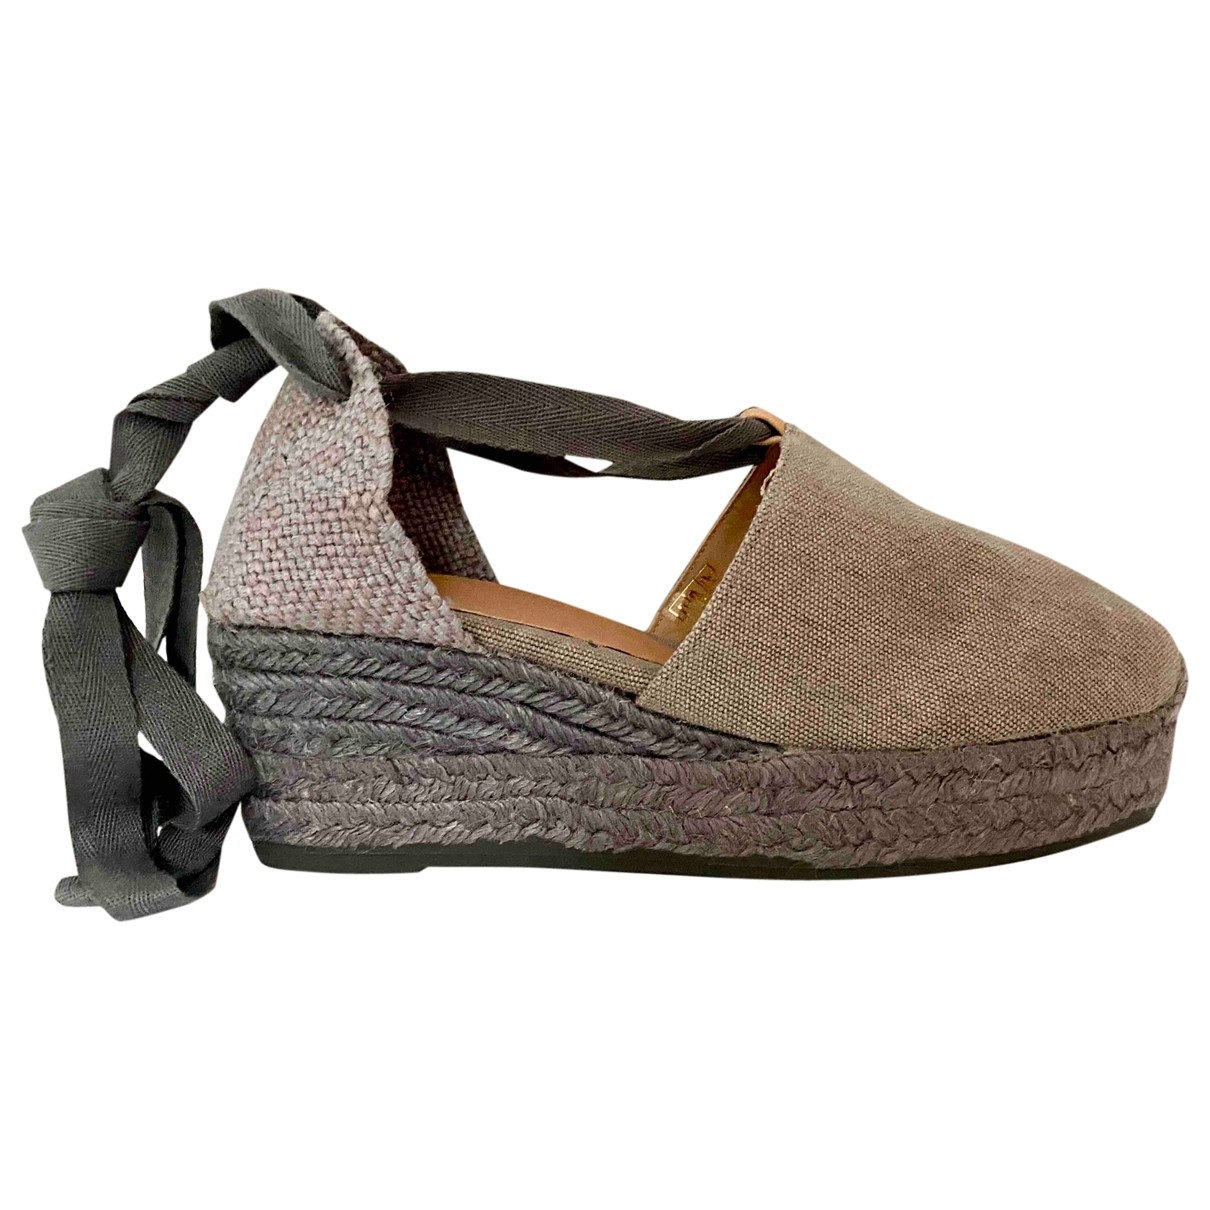 Castaner - Espadrilles   pour femme en toile - gris